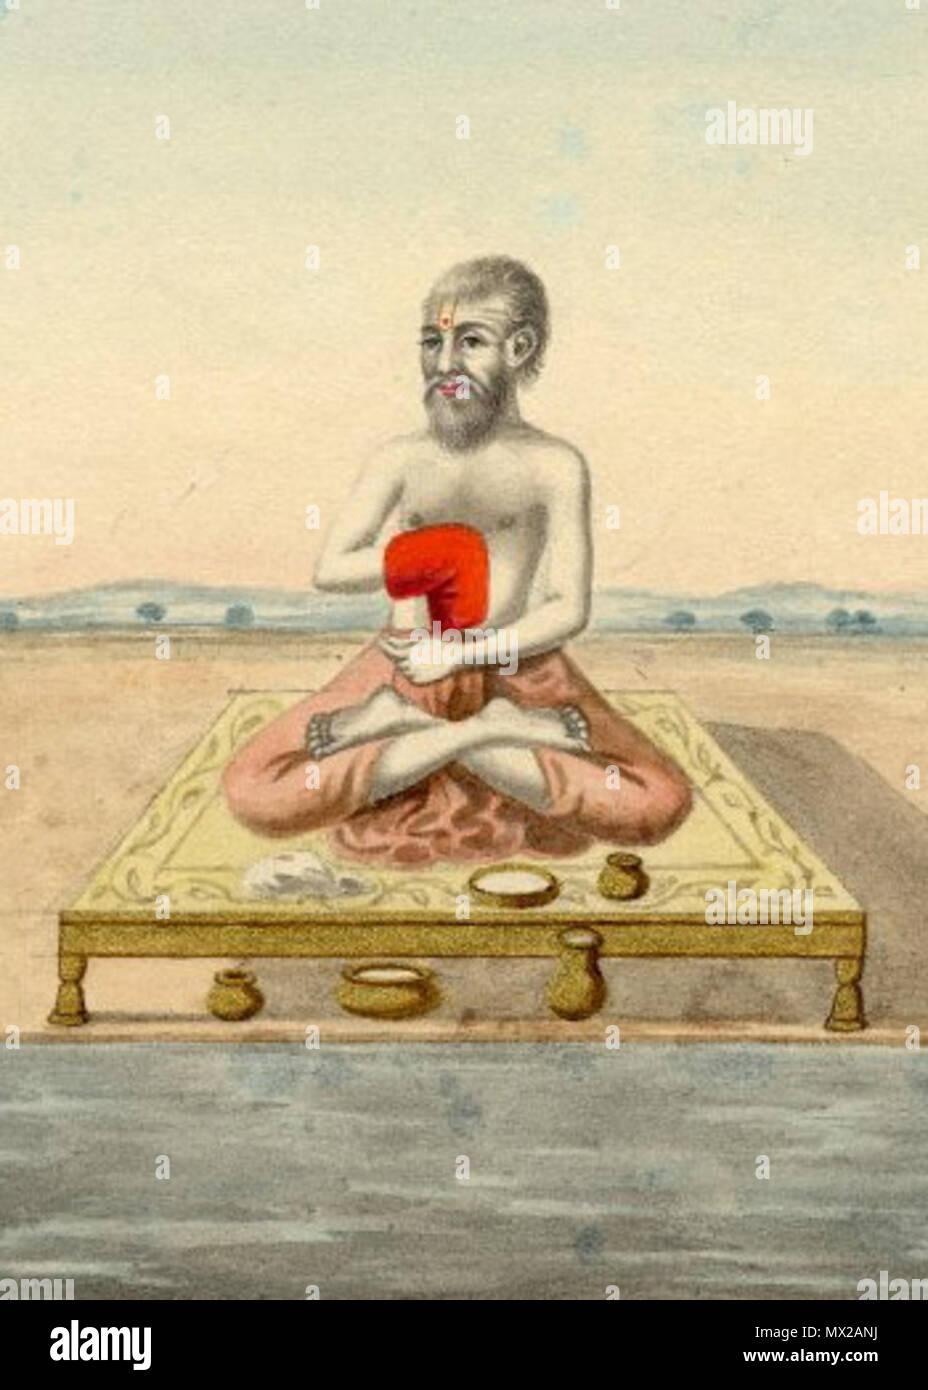 . Inglese: pittura ad acquarello di Kapila, vedica salvia. Il 10 marzo 2014, 18:39:38. Sconosciuto 335 Kapila muni Immagini Stock